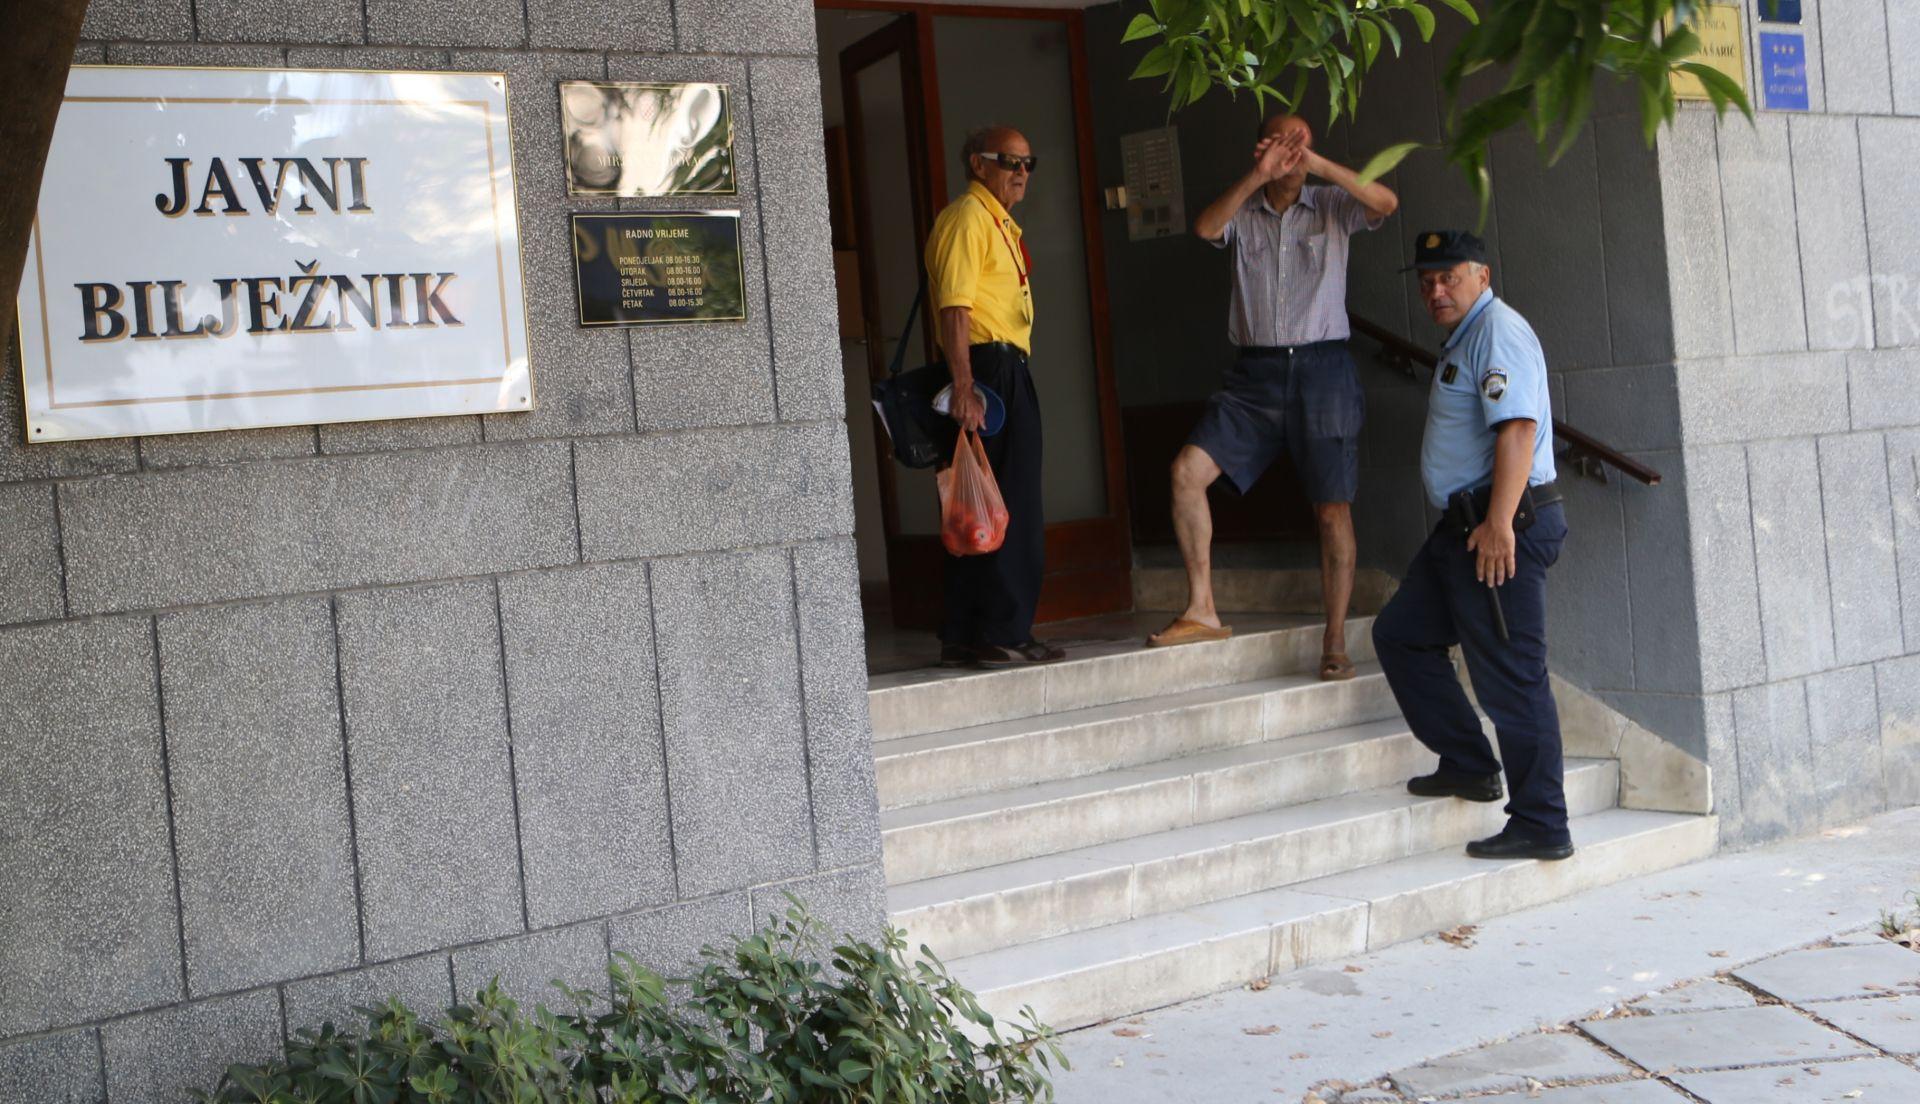 TALAČKA KRIZA U SPLITU: Cijela akcija okončana, uhićen muškarac koji je prijetio škarama